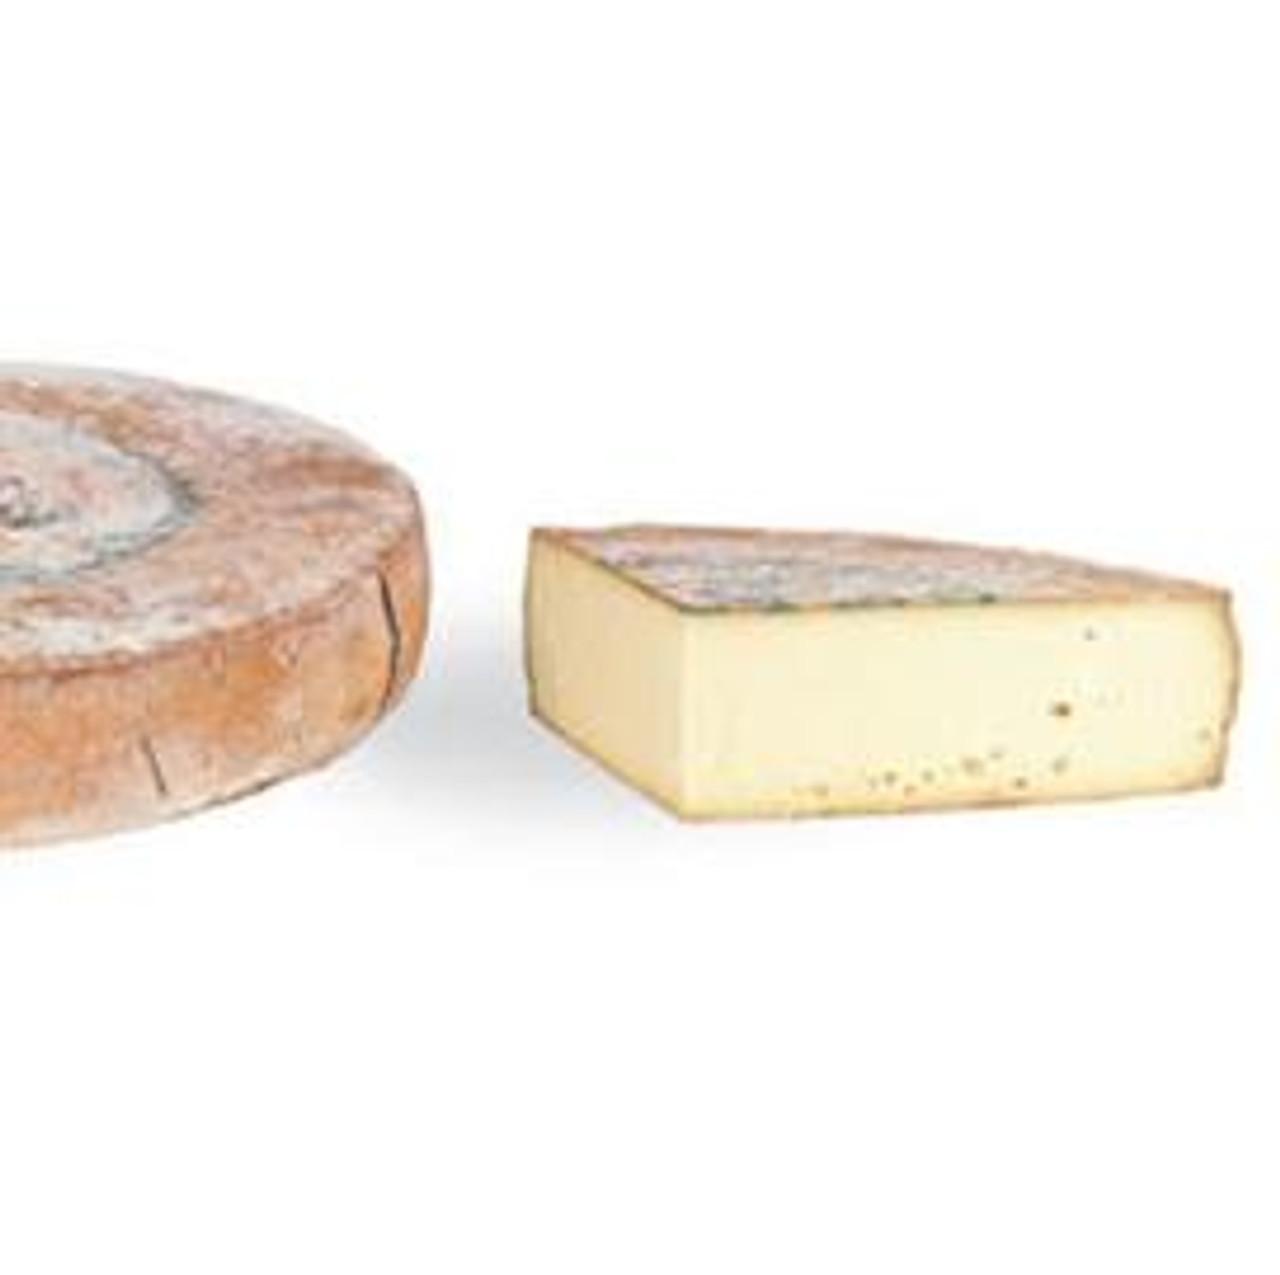 Imported Creamy Italian Fontina